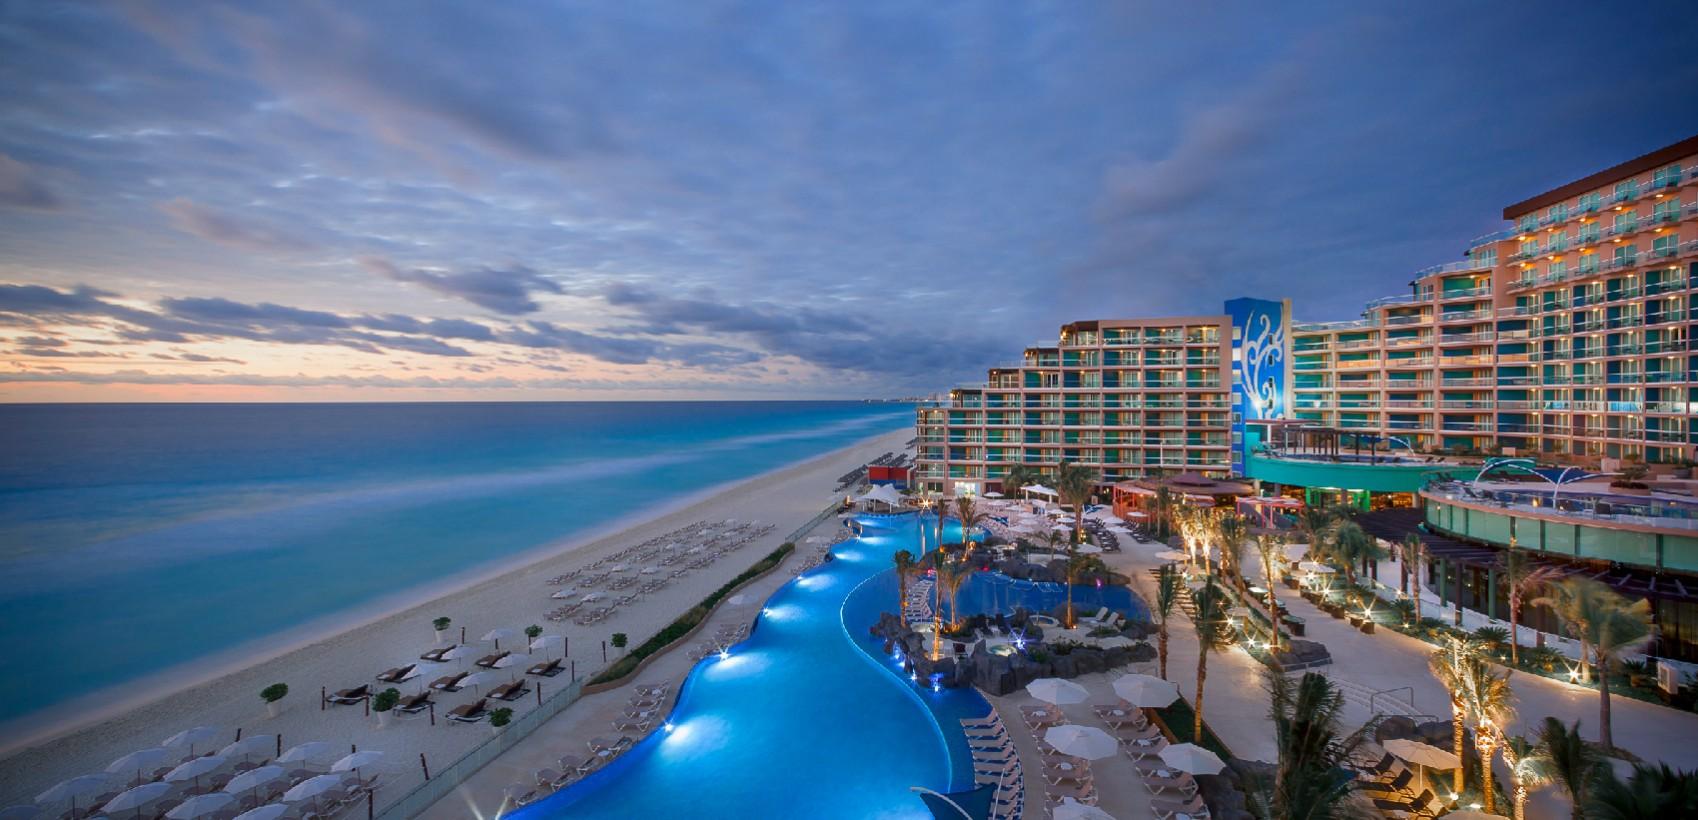 Économisez sur les séjours aux hôtels Hard Rock avec Vacances WestJet